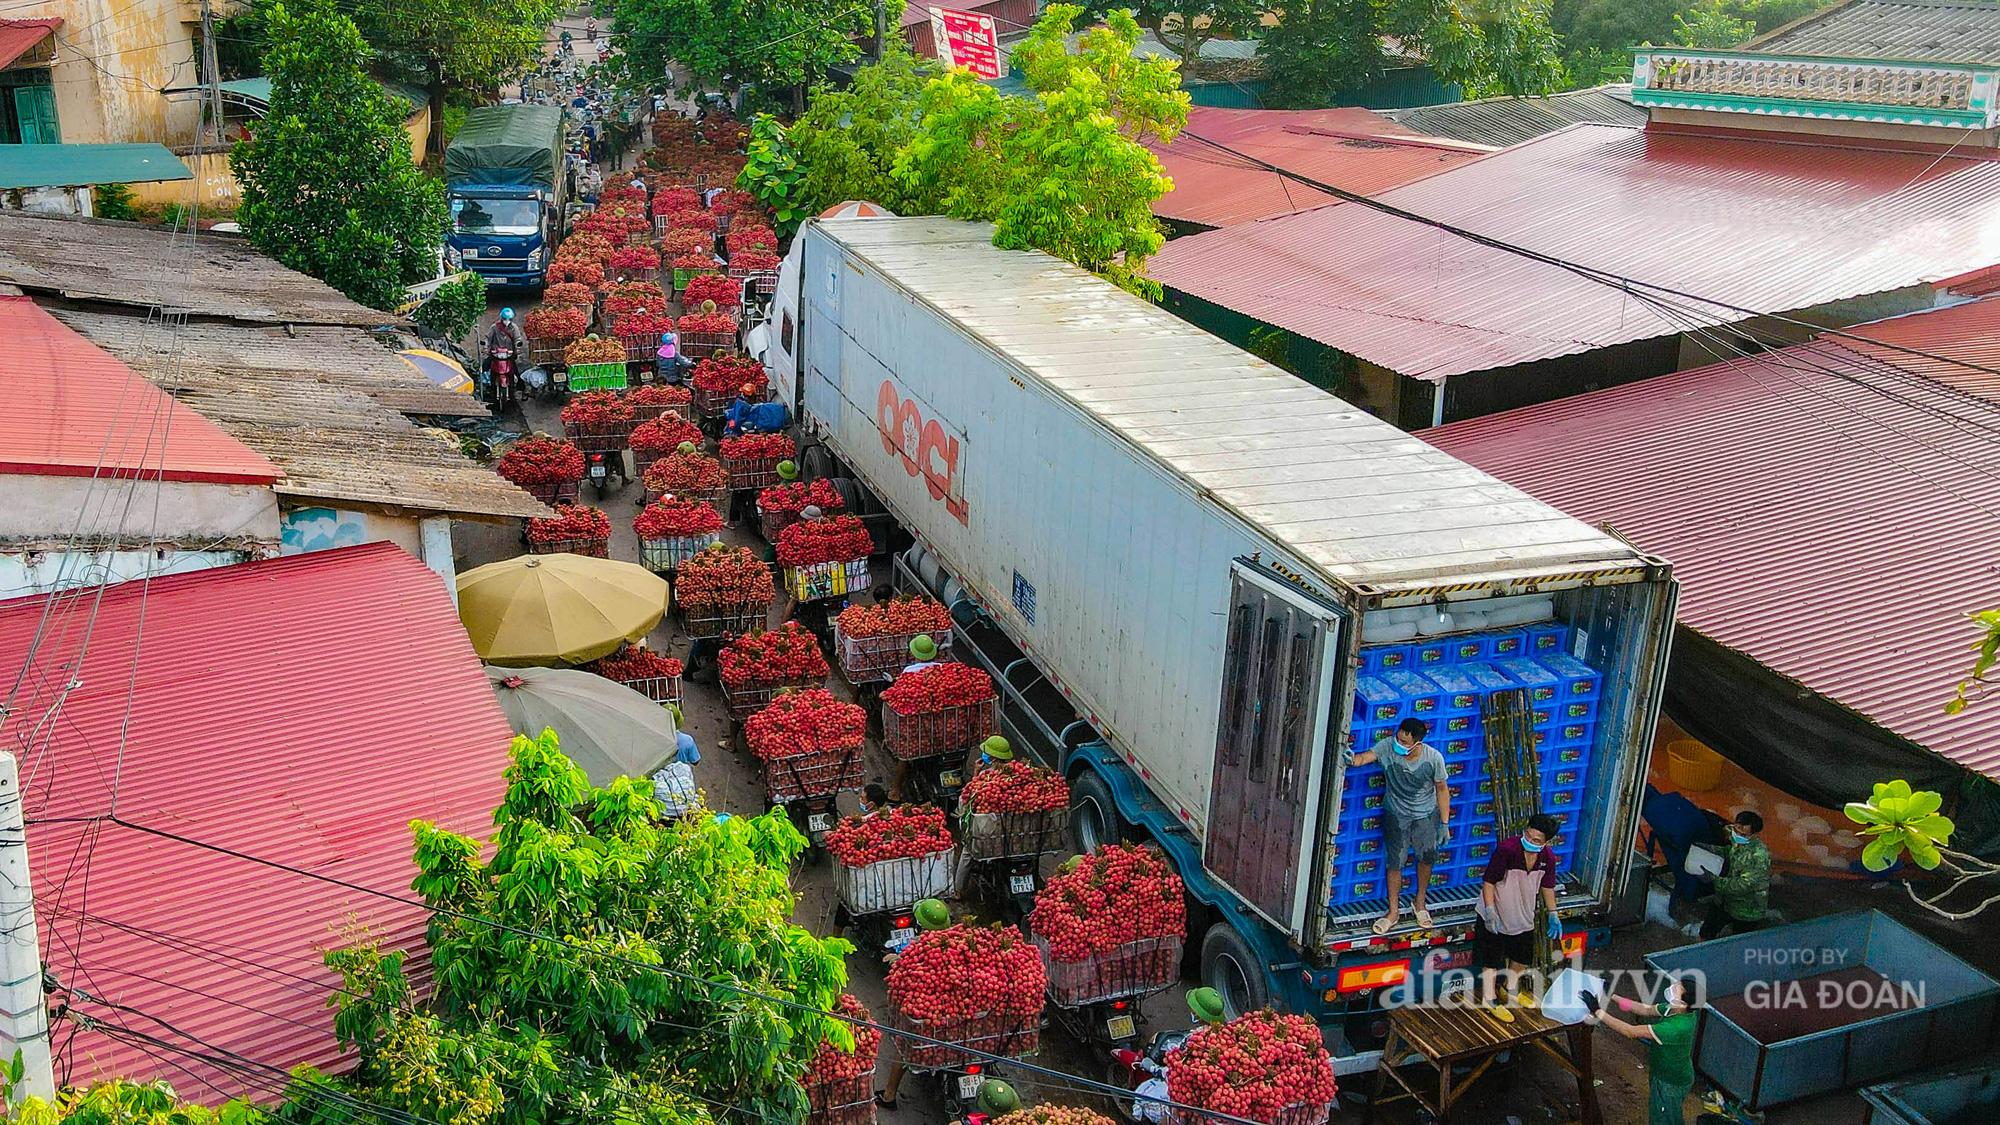 Chợ vải Bắc Giang nhộn nhịp vào mùa - Ảnh 2.